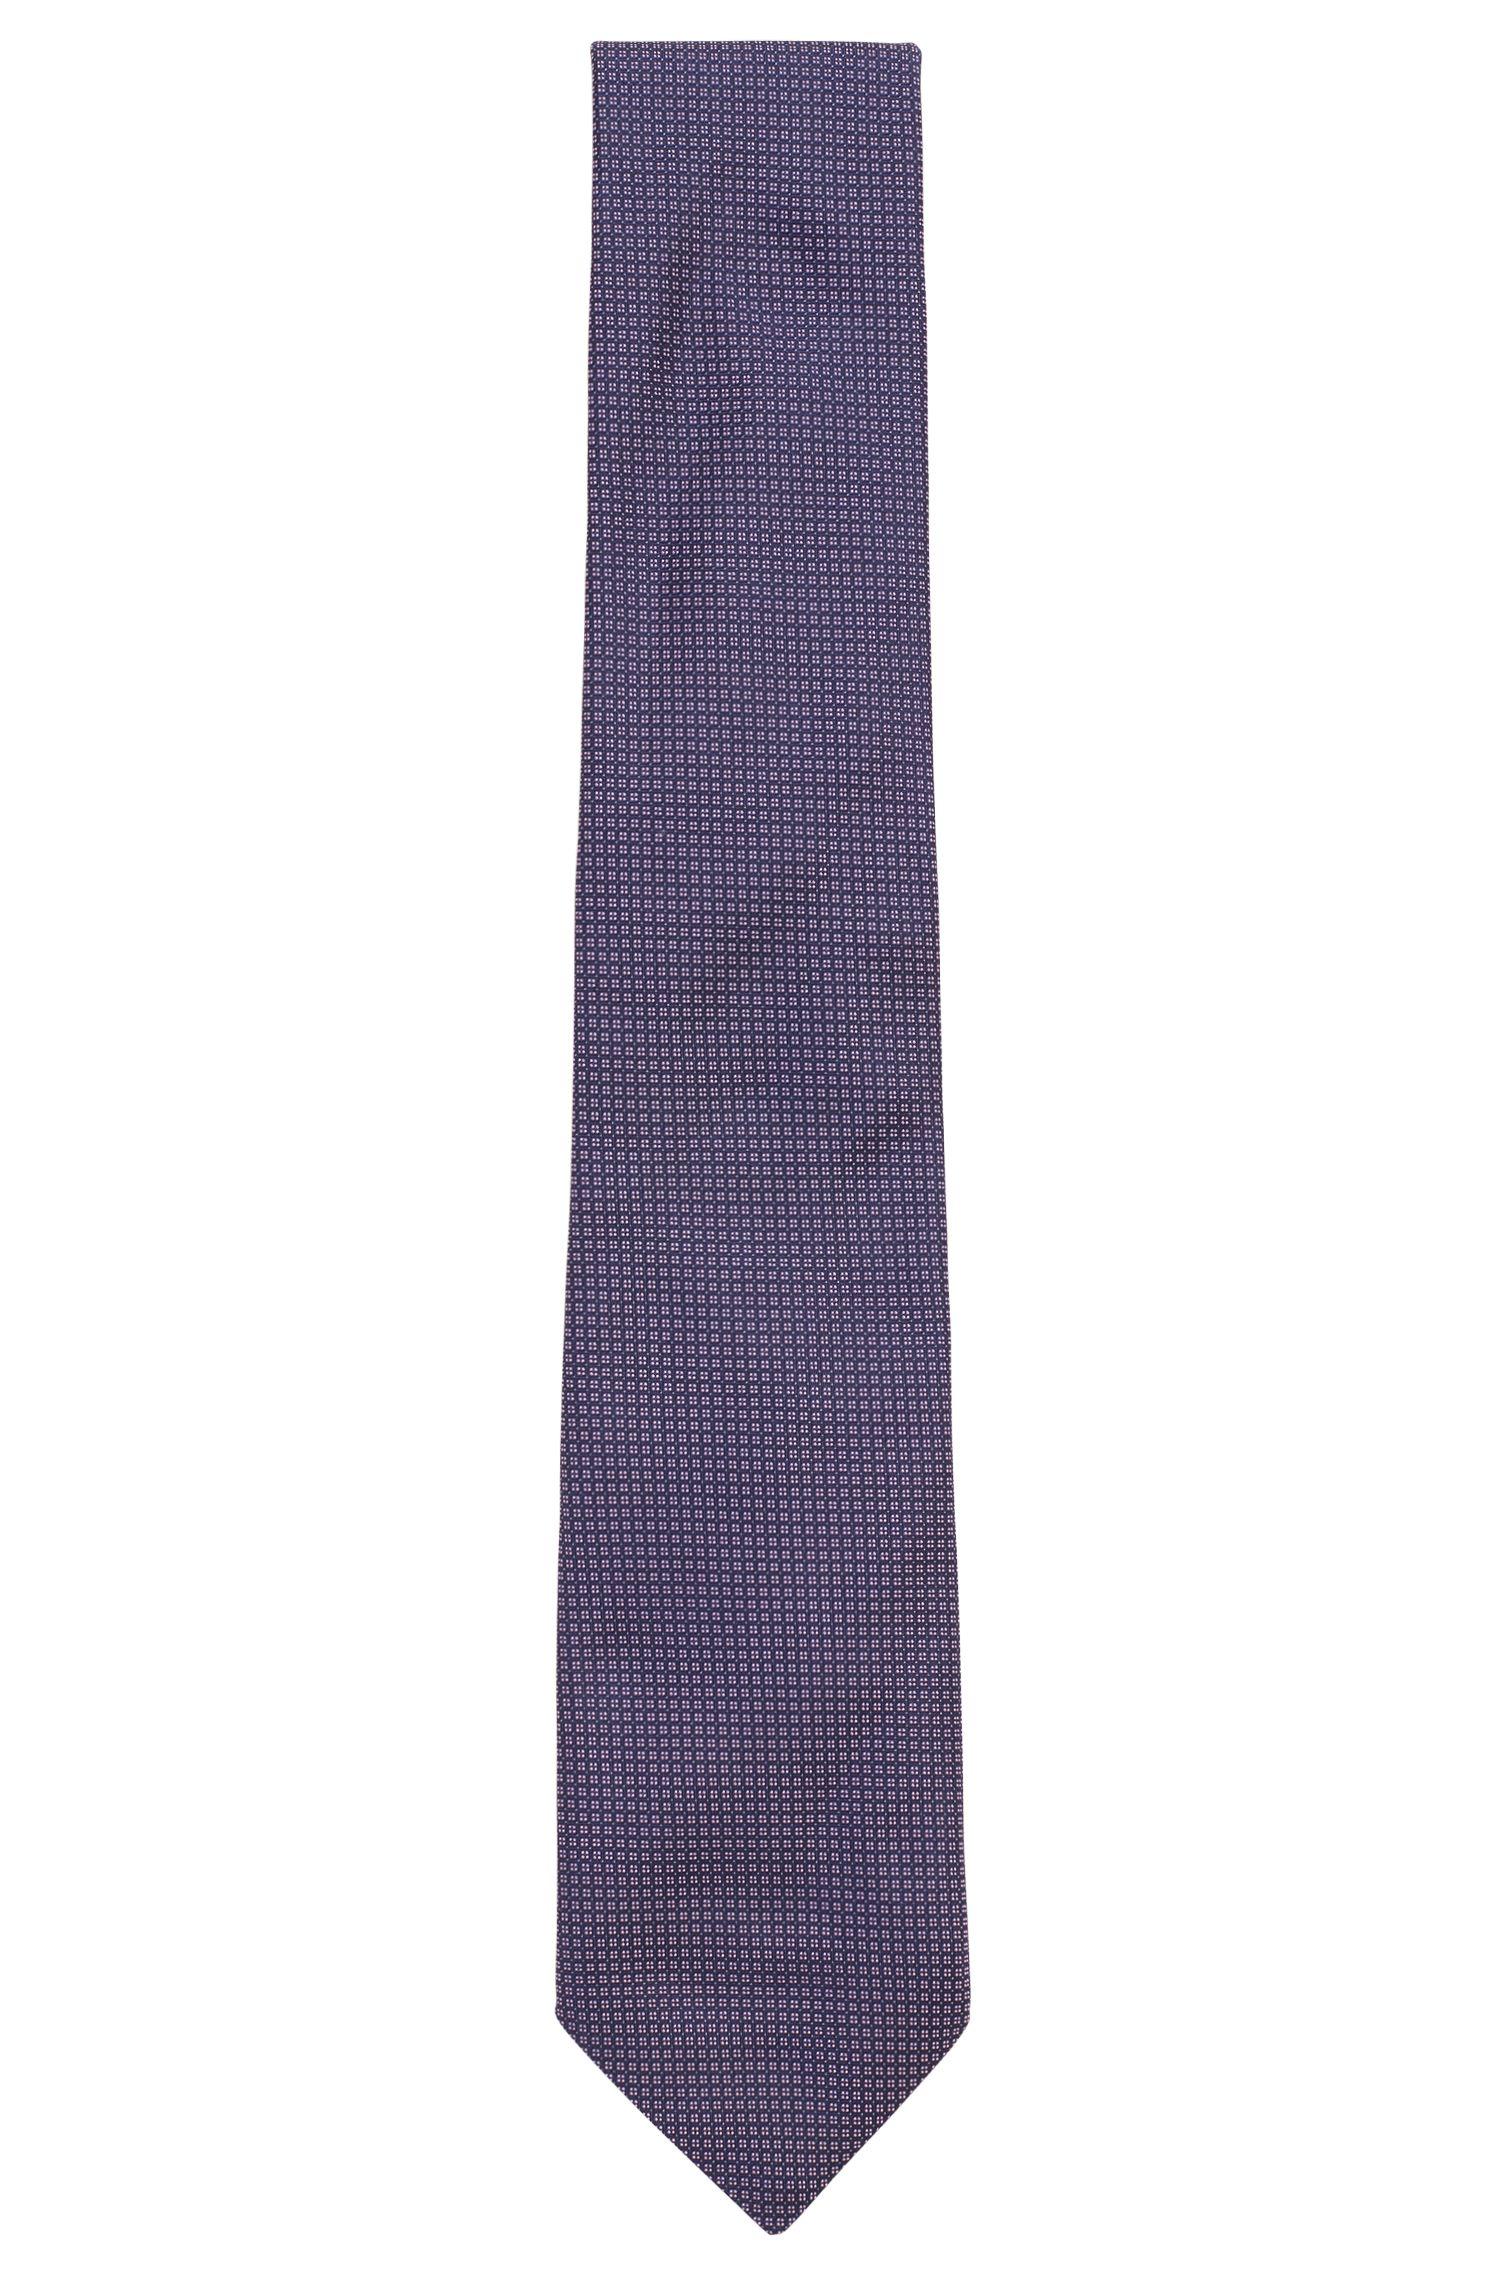 Cravatta in seta jacquard con microdisegno, Rosa chiaro